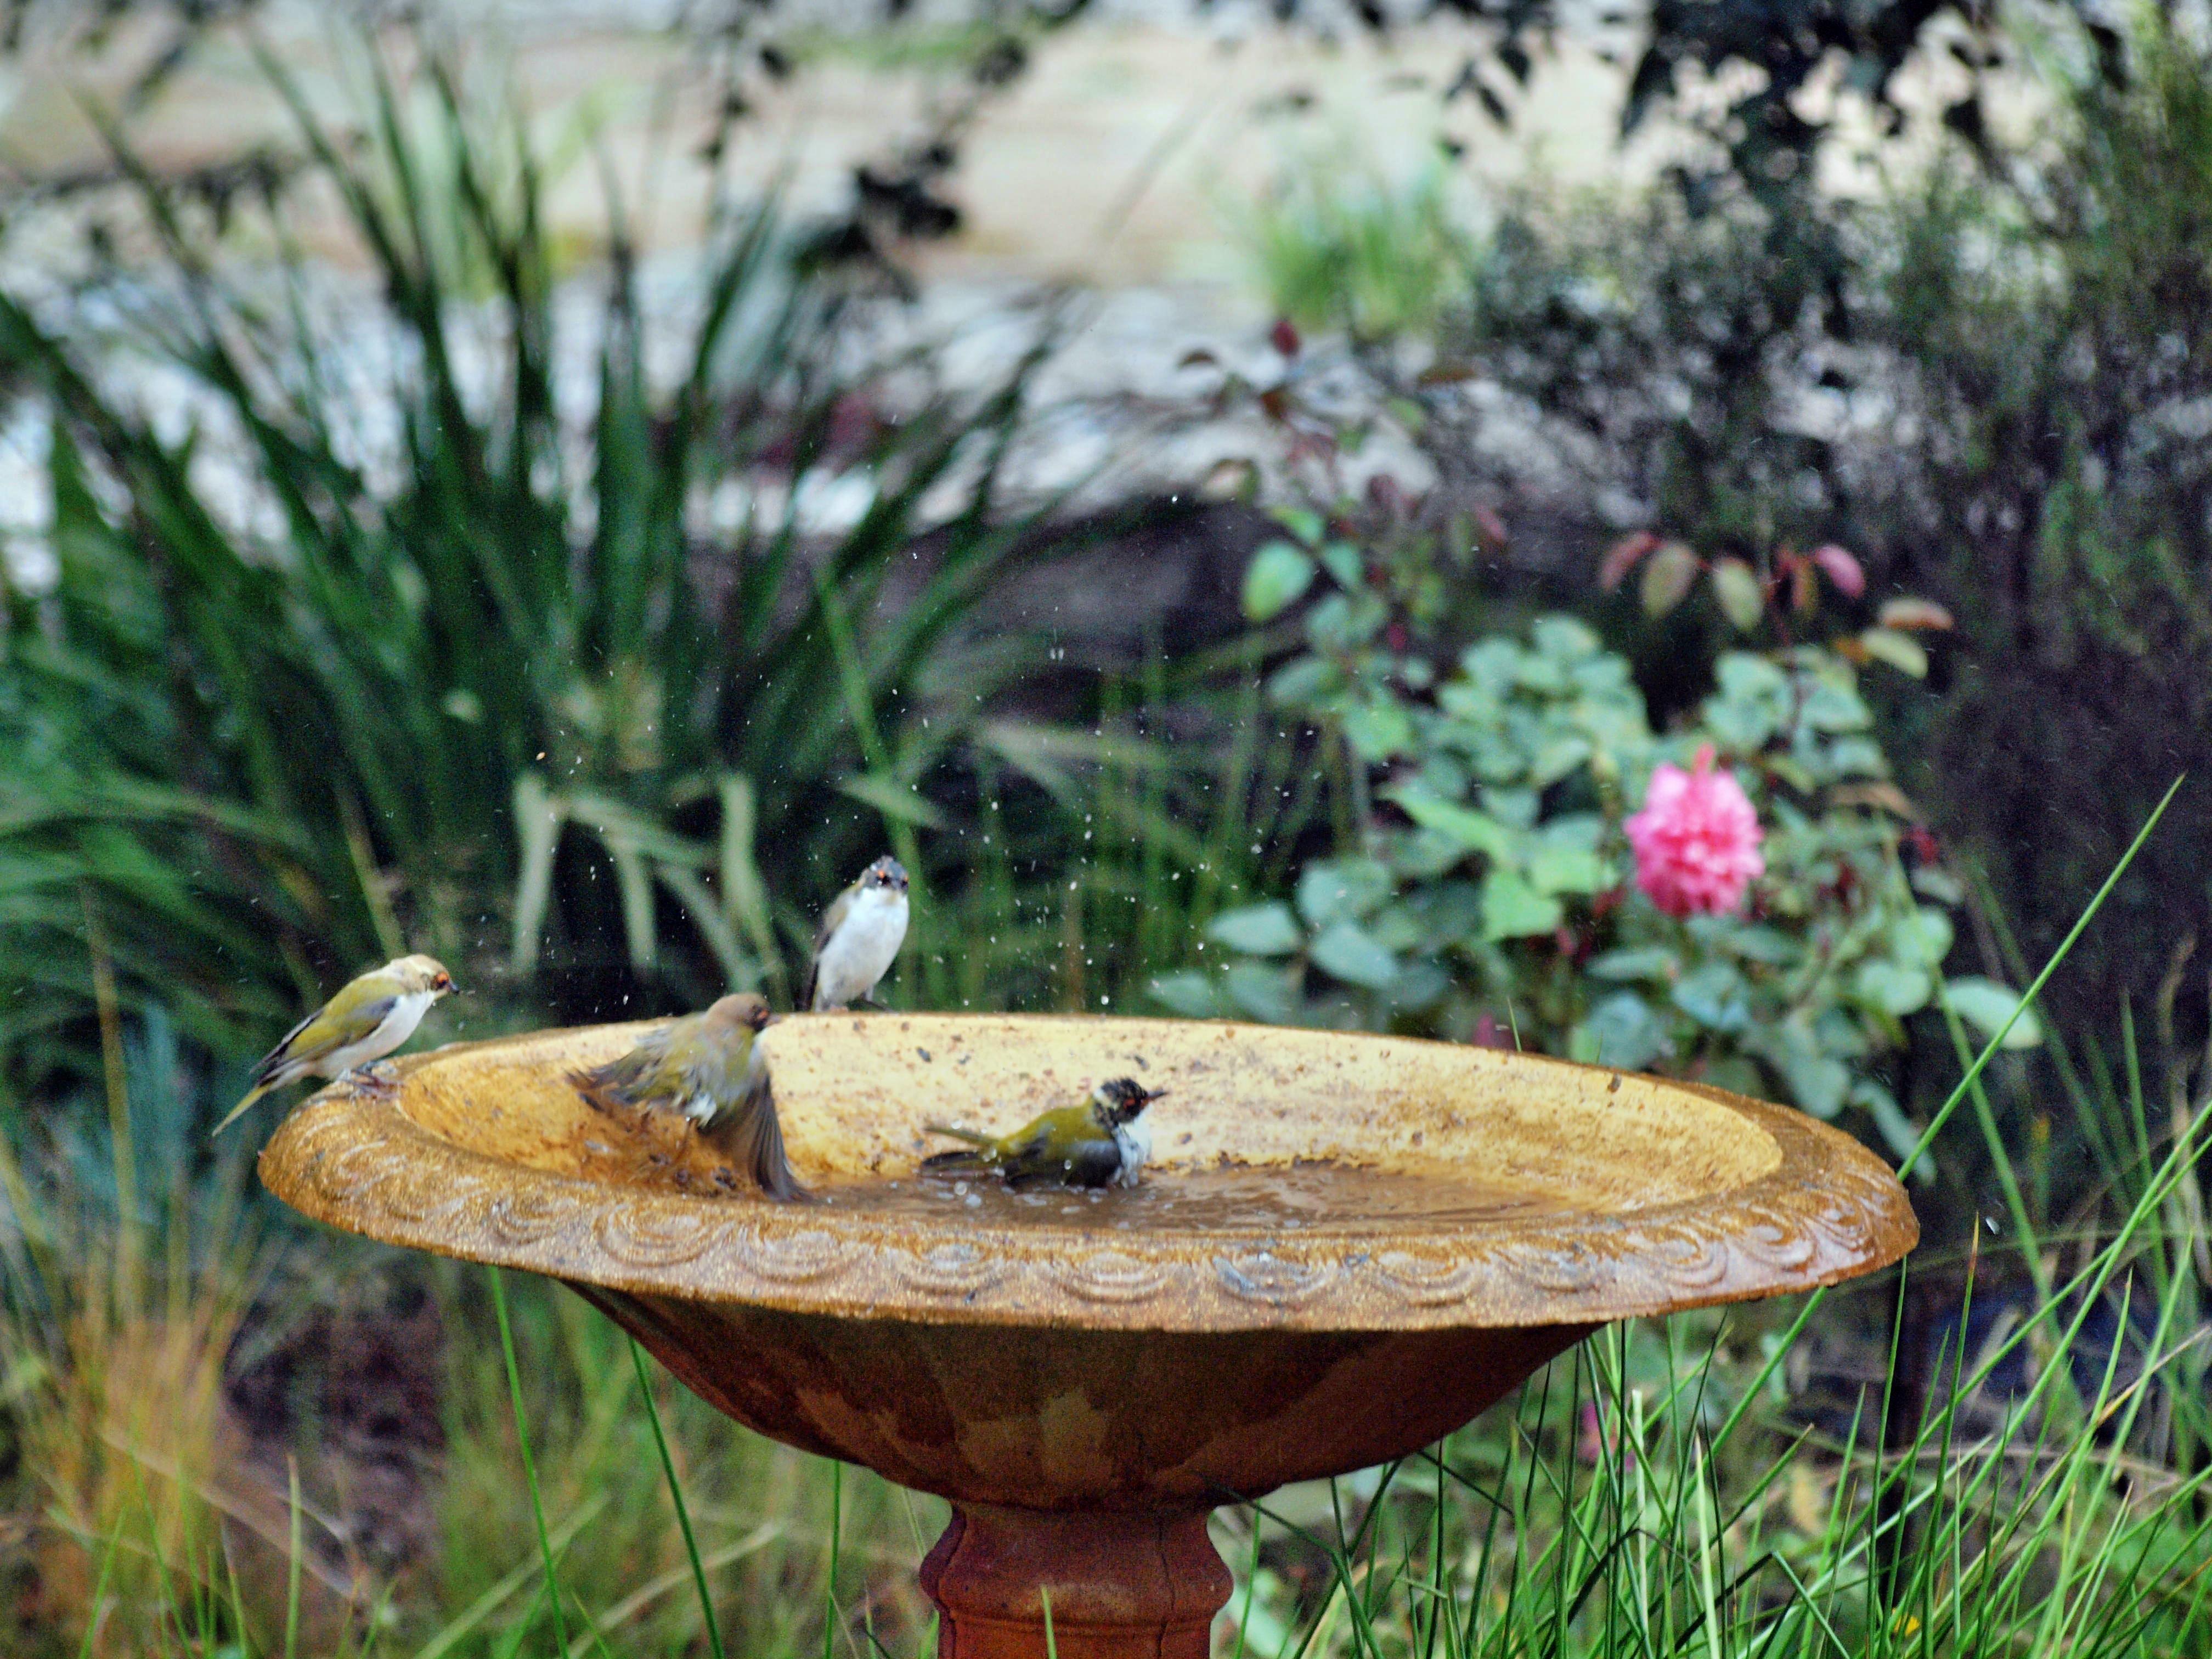 Bird-bath-41.jpeg